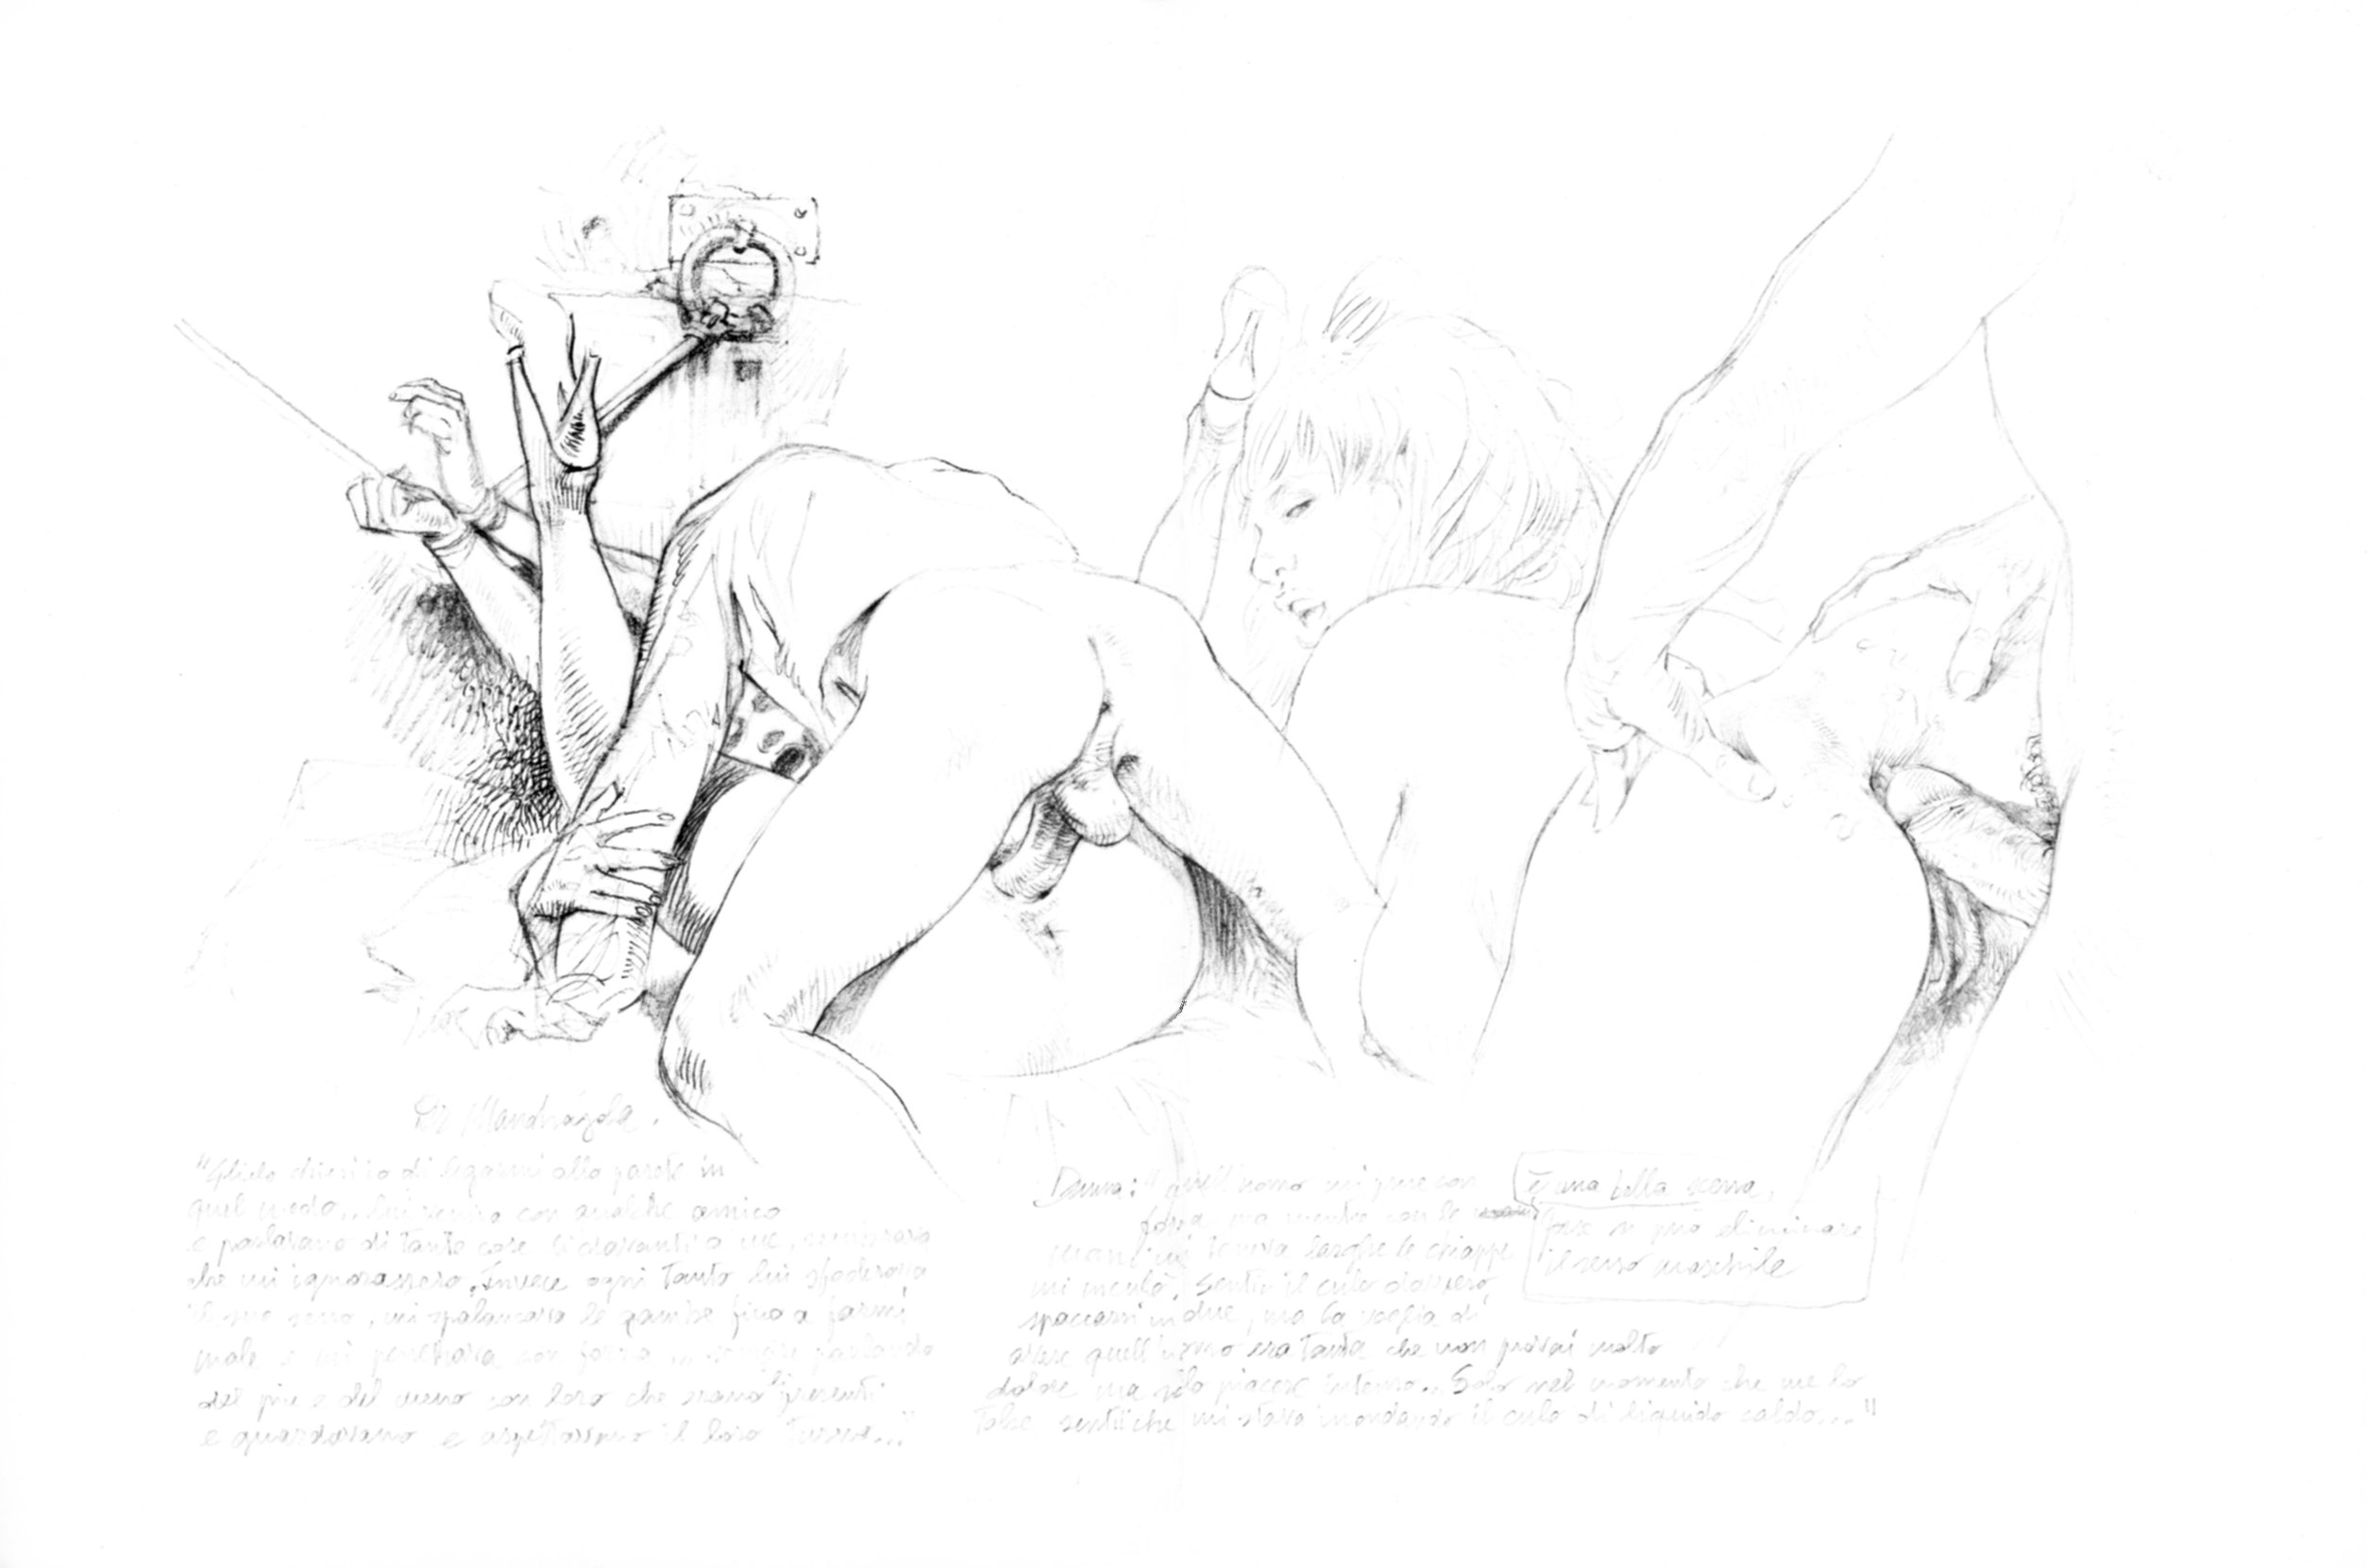 Порно рисунки художников сколько мусора